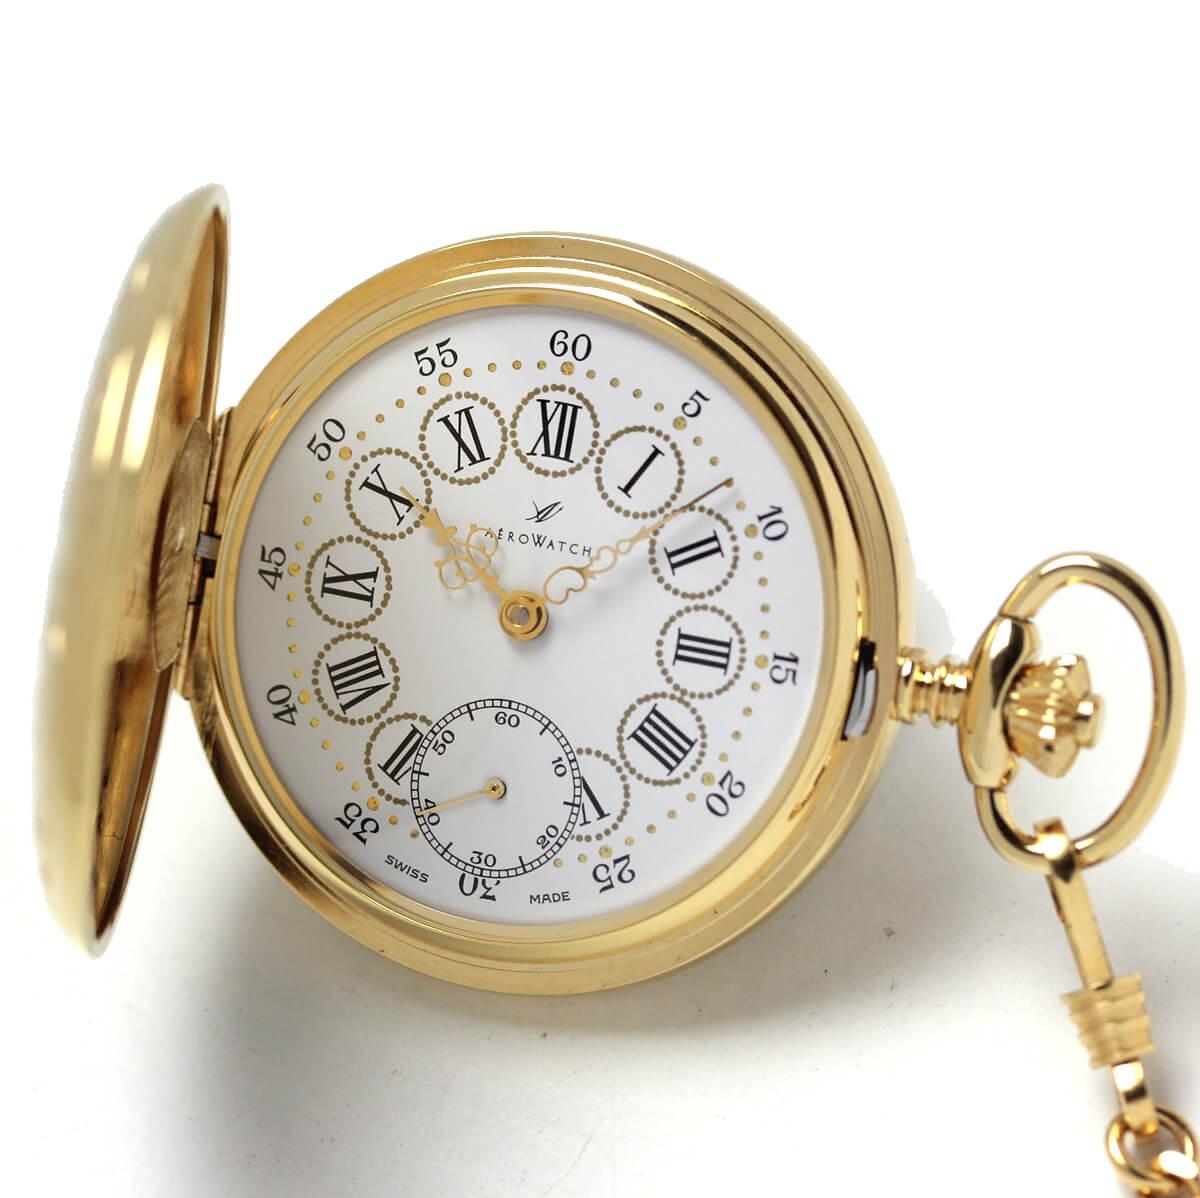 アエロ(AERO)/55644J501/懐中時計